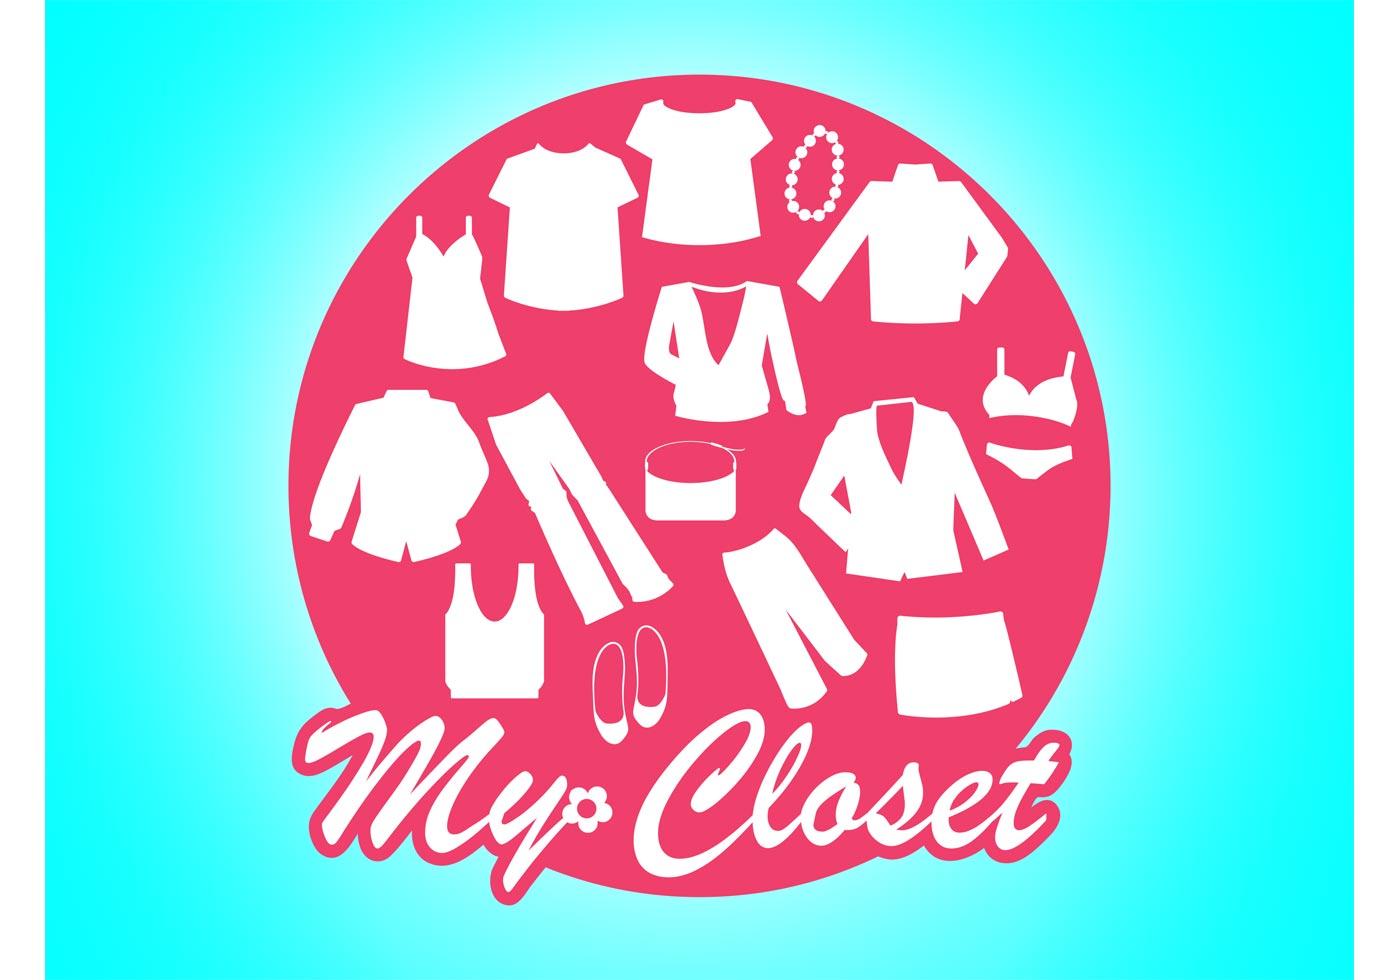 Одежда картинка для эмблемы